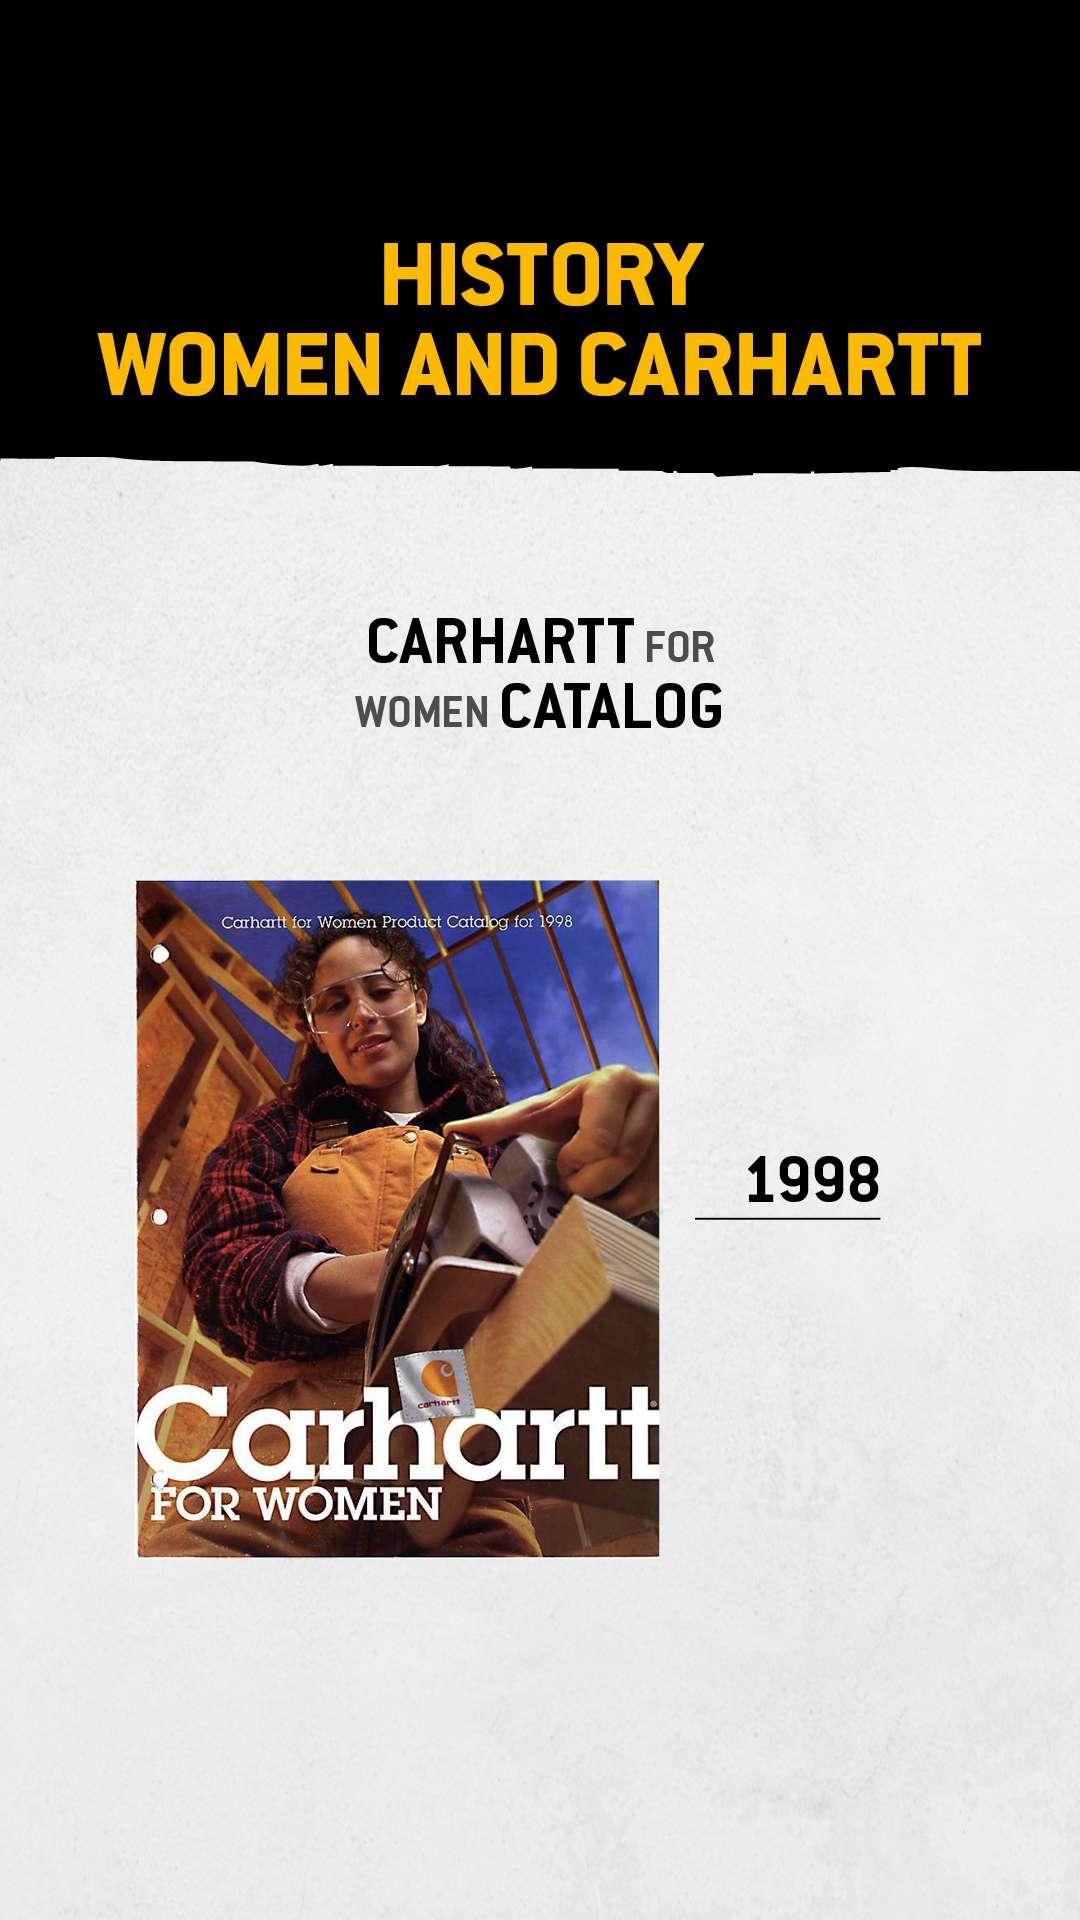 Carhart voor Dames catalogus, 1998